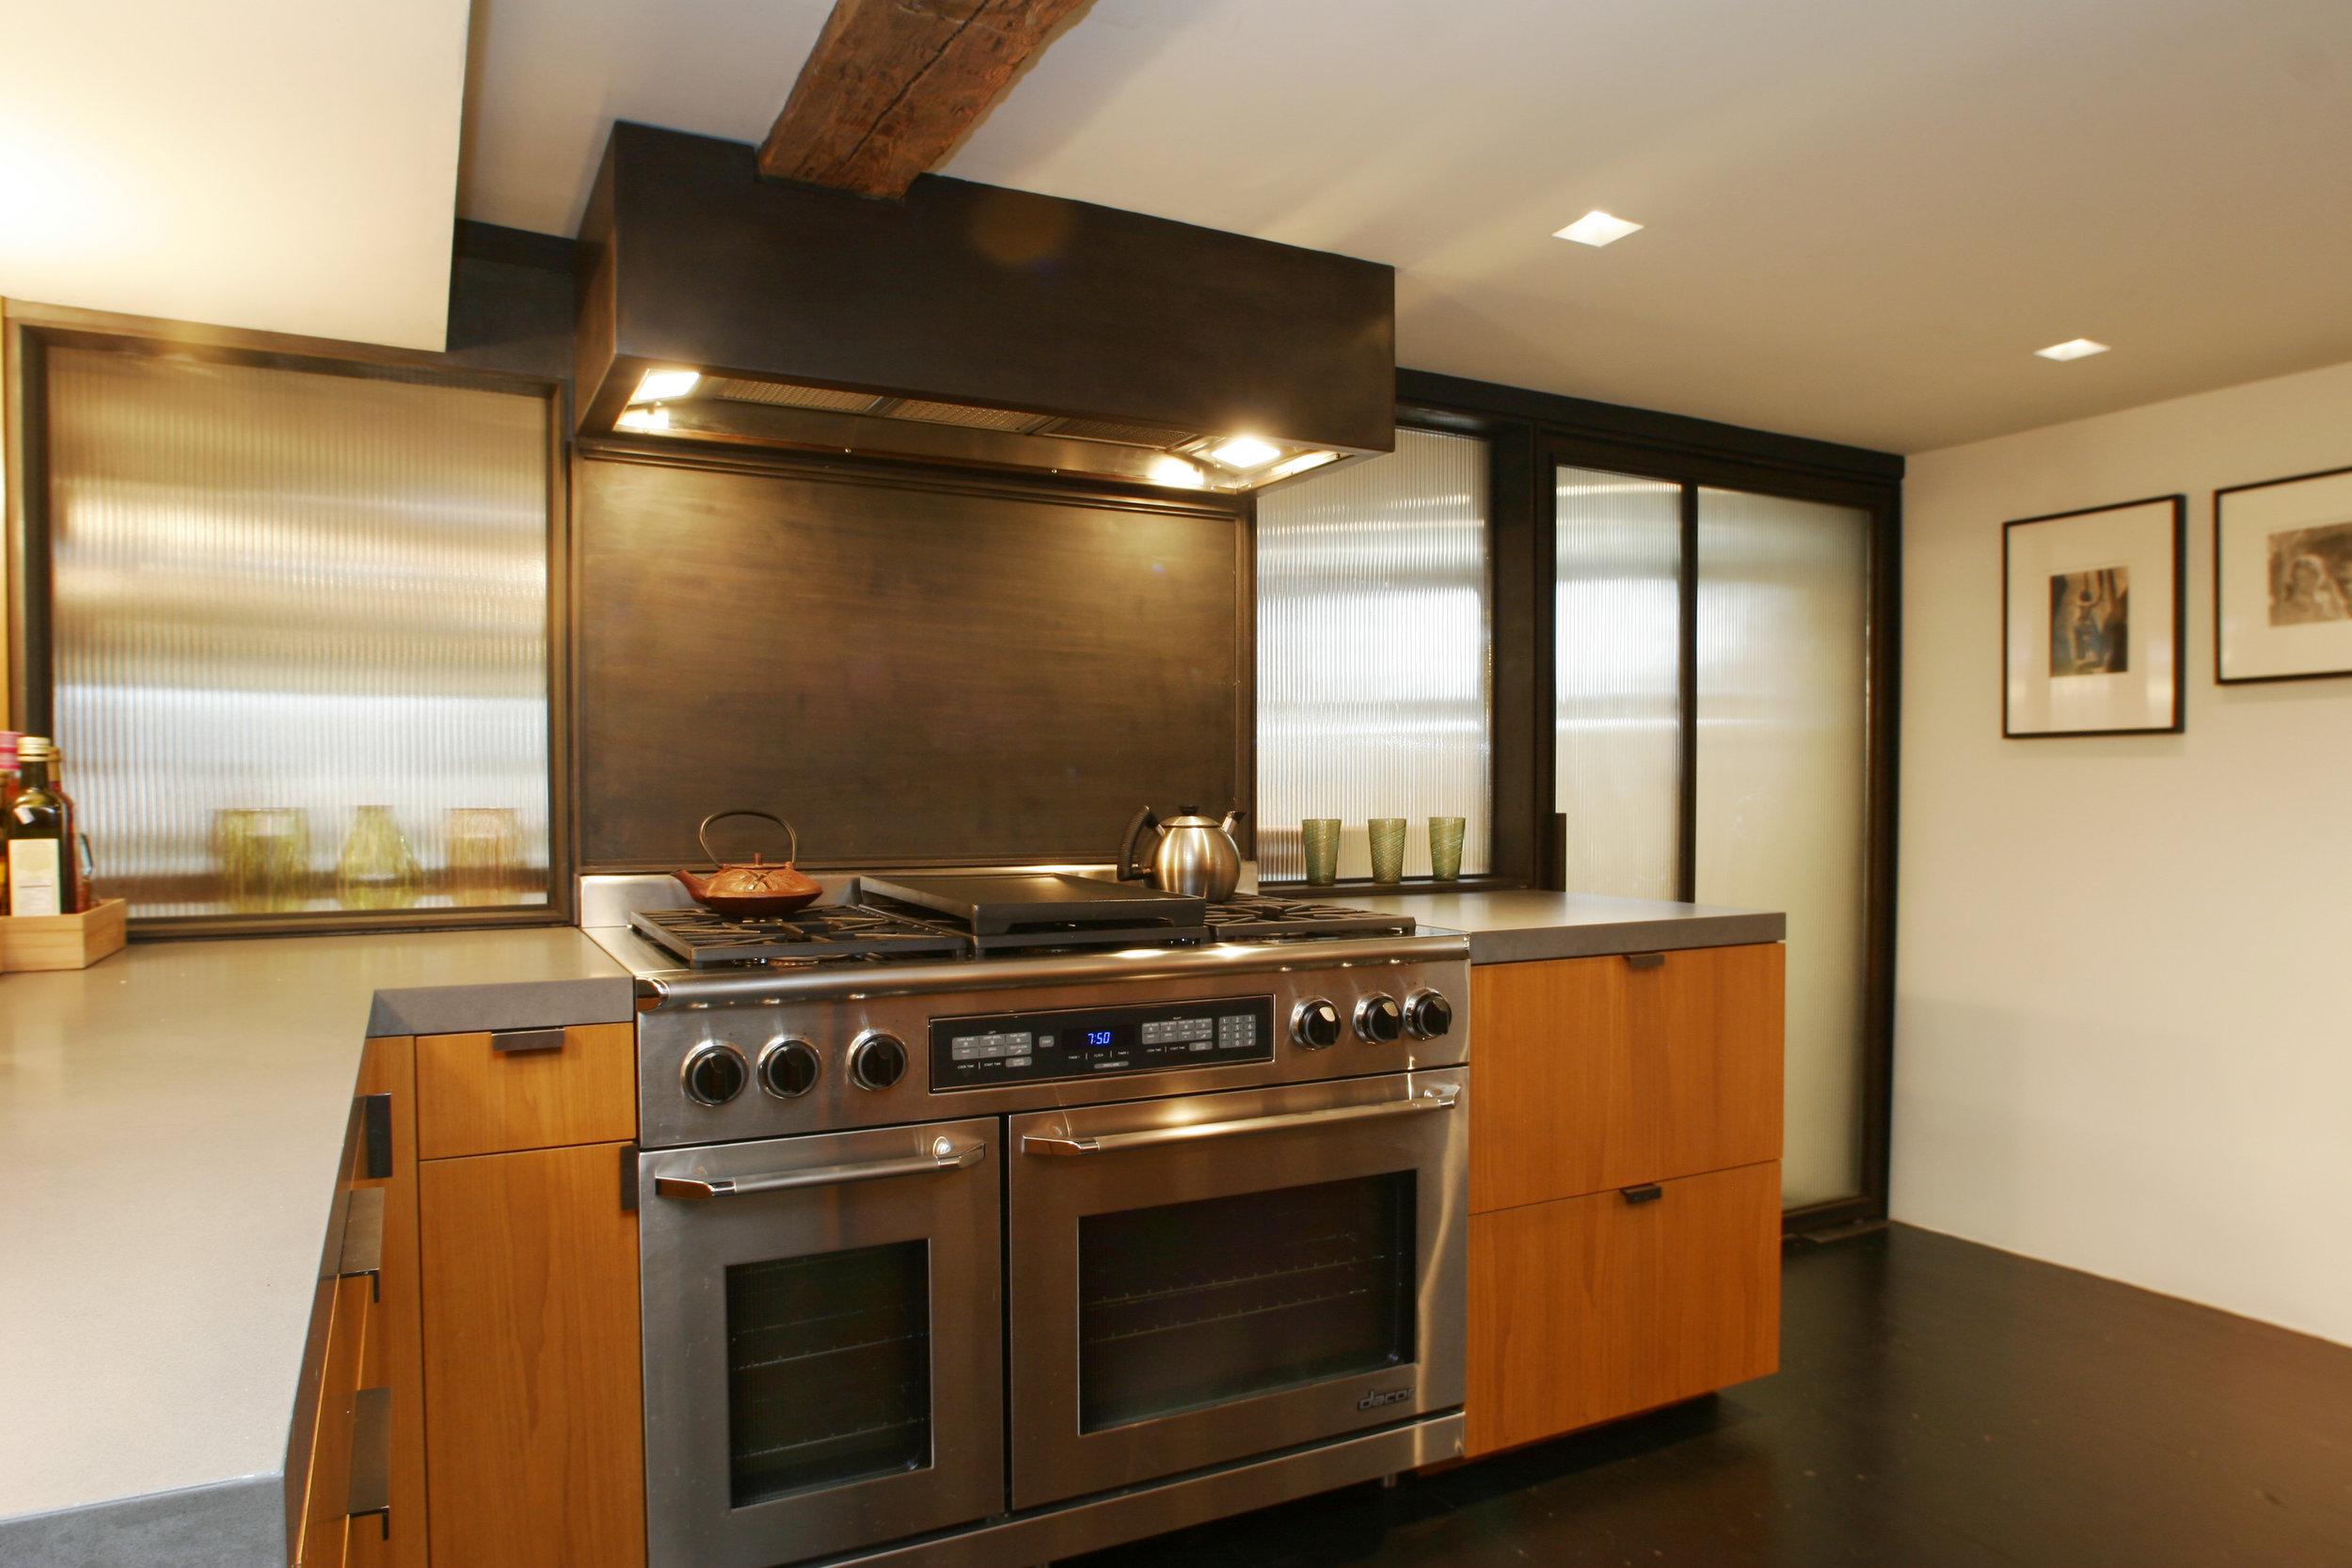 cooking kitchen luxury appliances